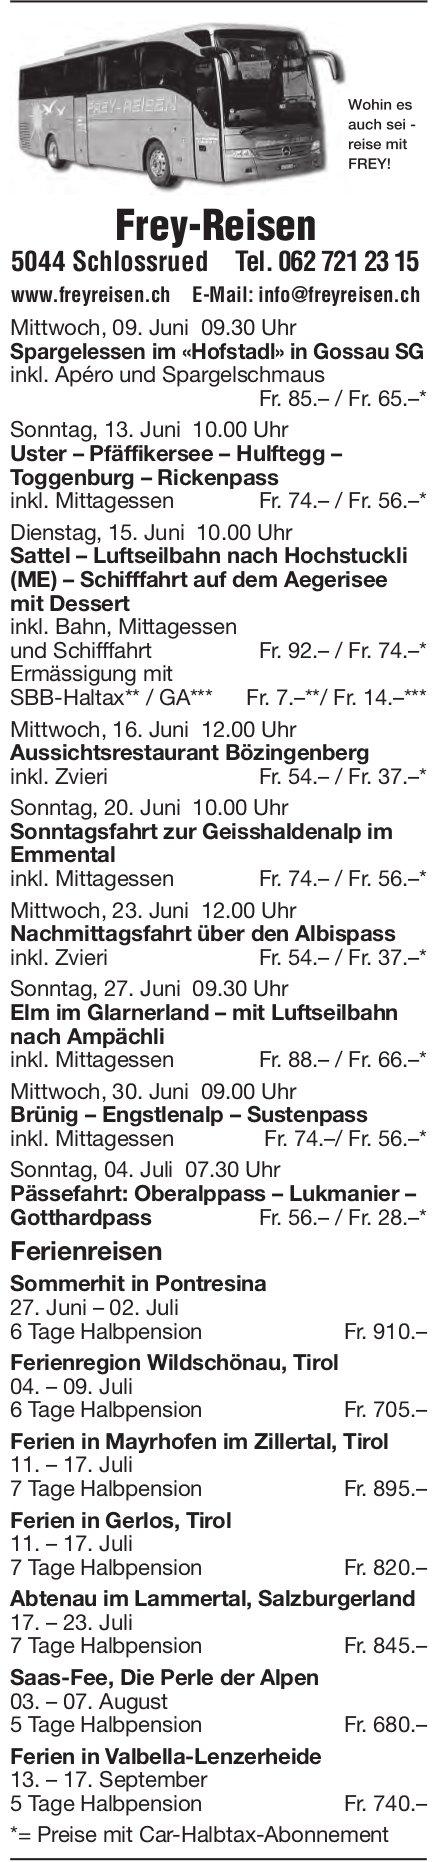 Reiseprogramm, 9. Juni - 17. September, Frey-Reisen, Schlossrued